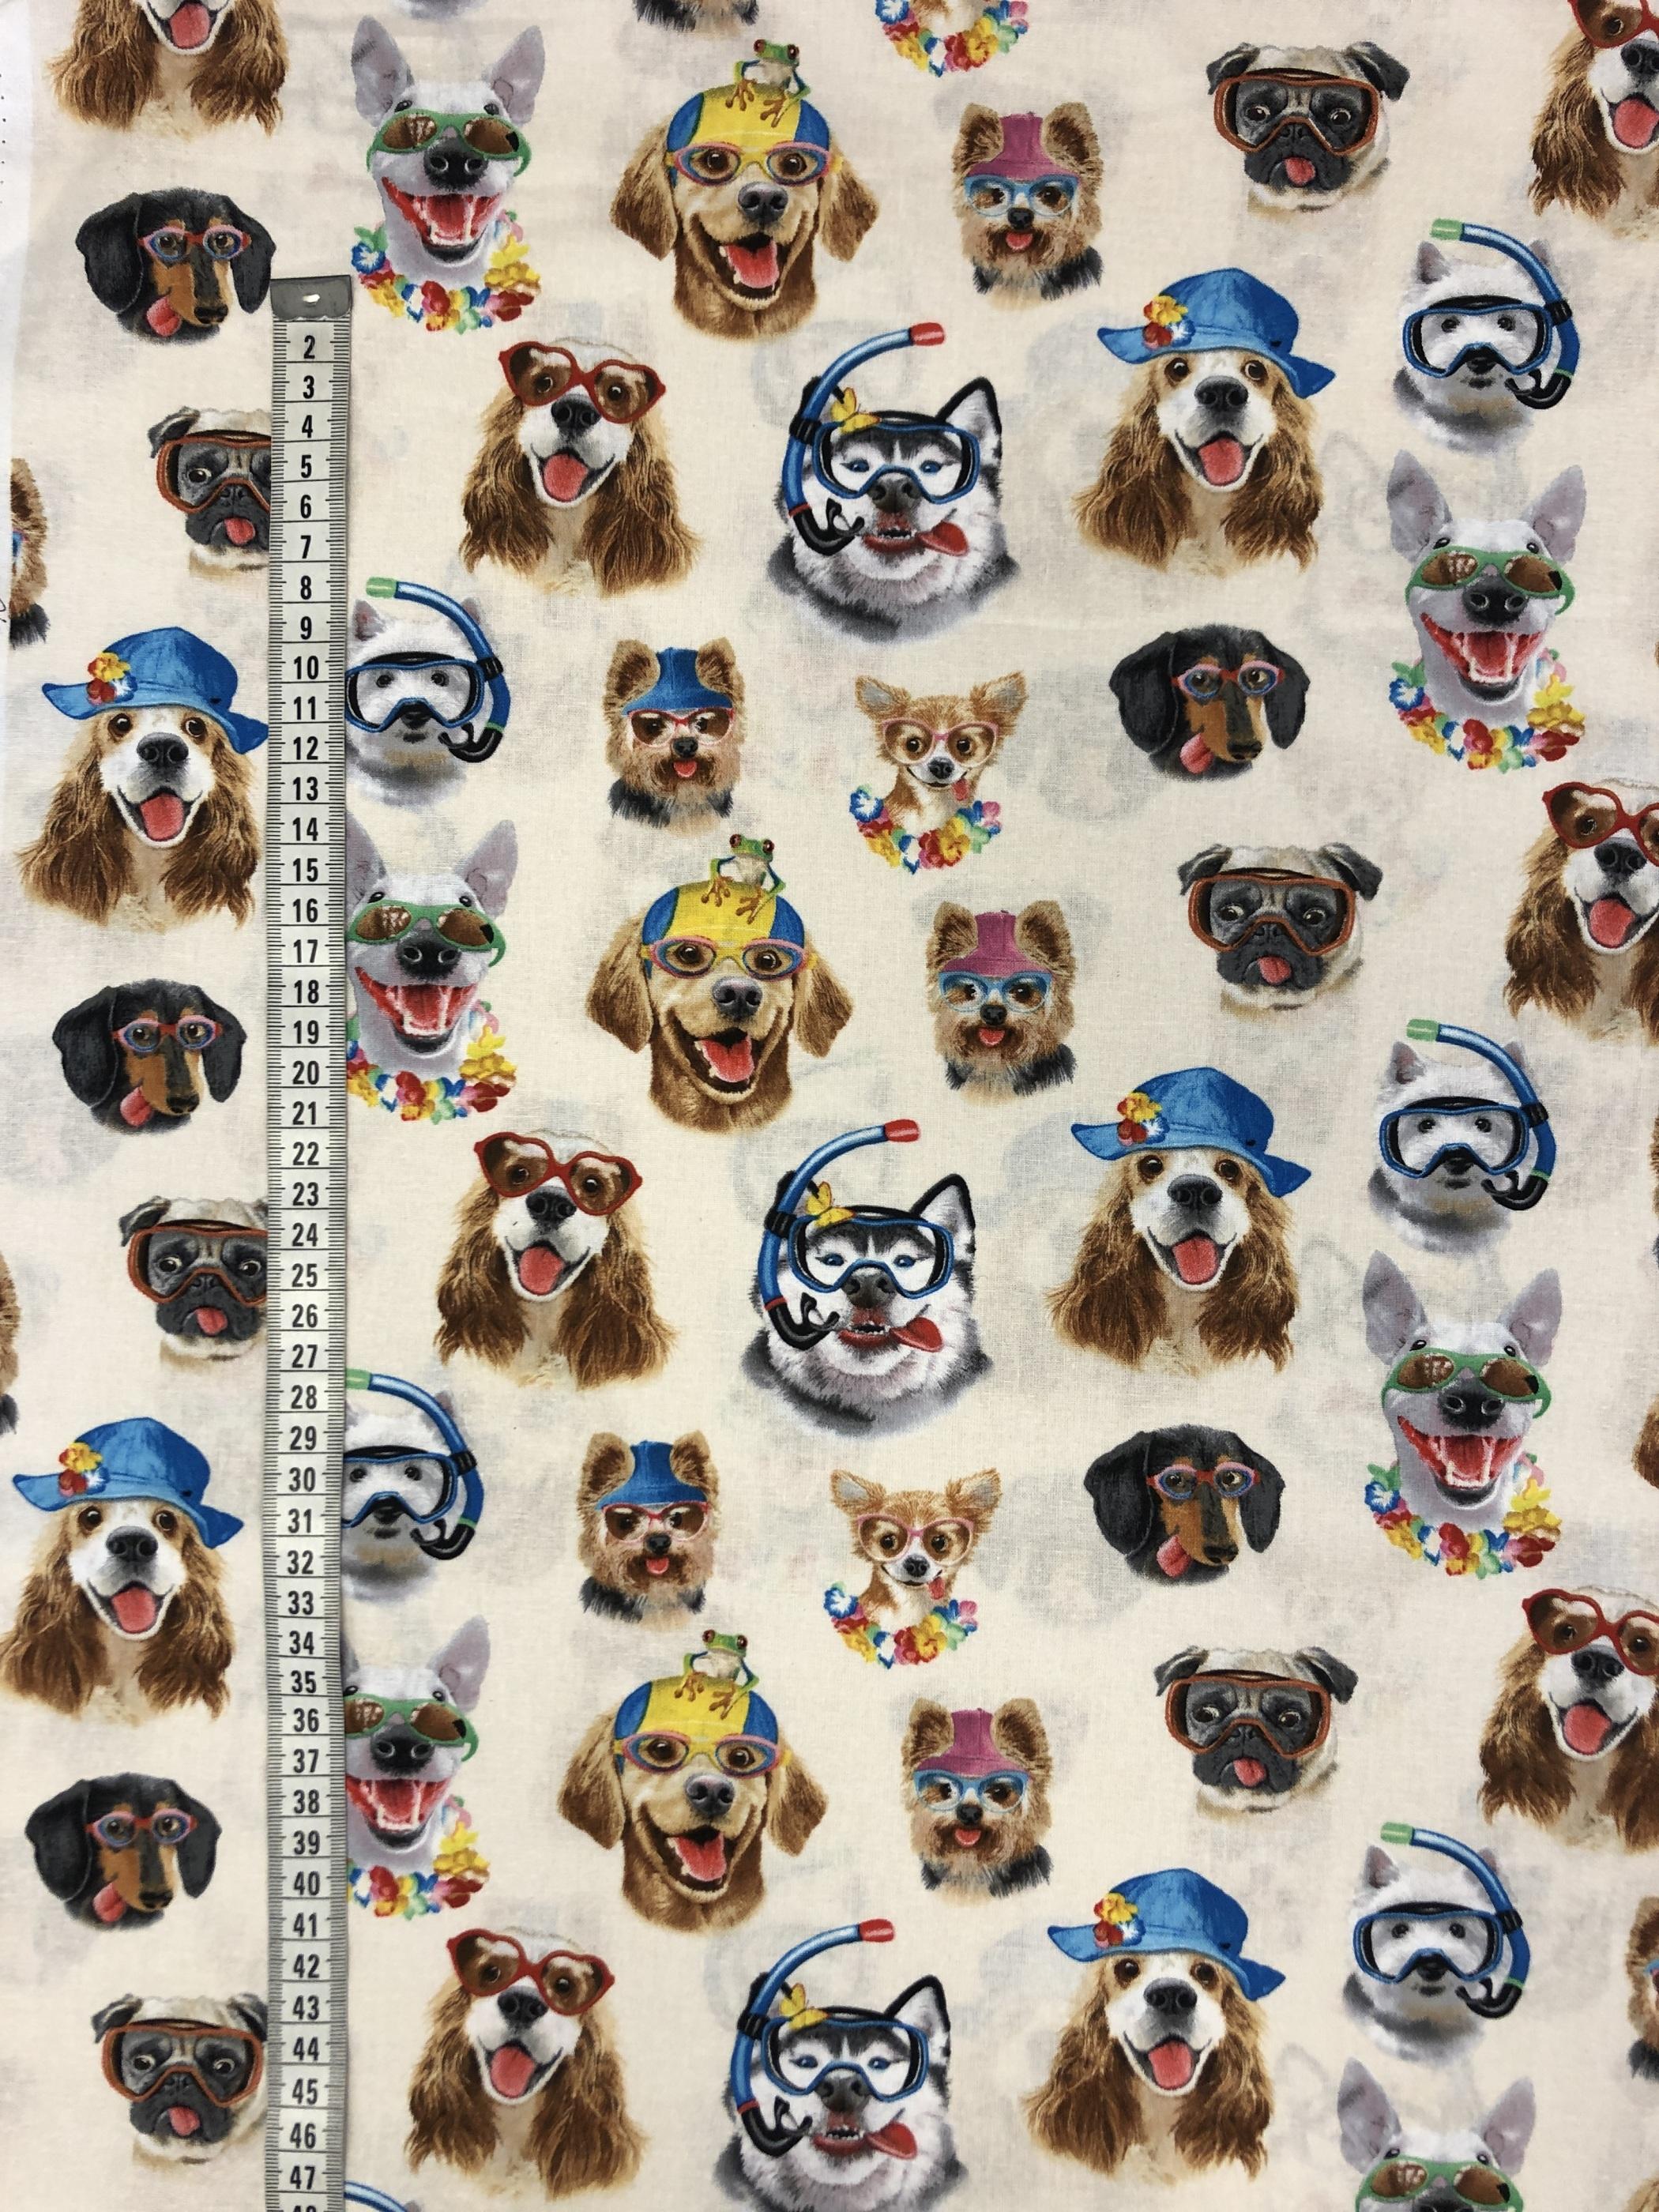 semesterhundar semester hundar bomullsväv metervara tyglust laholm